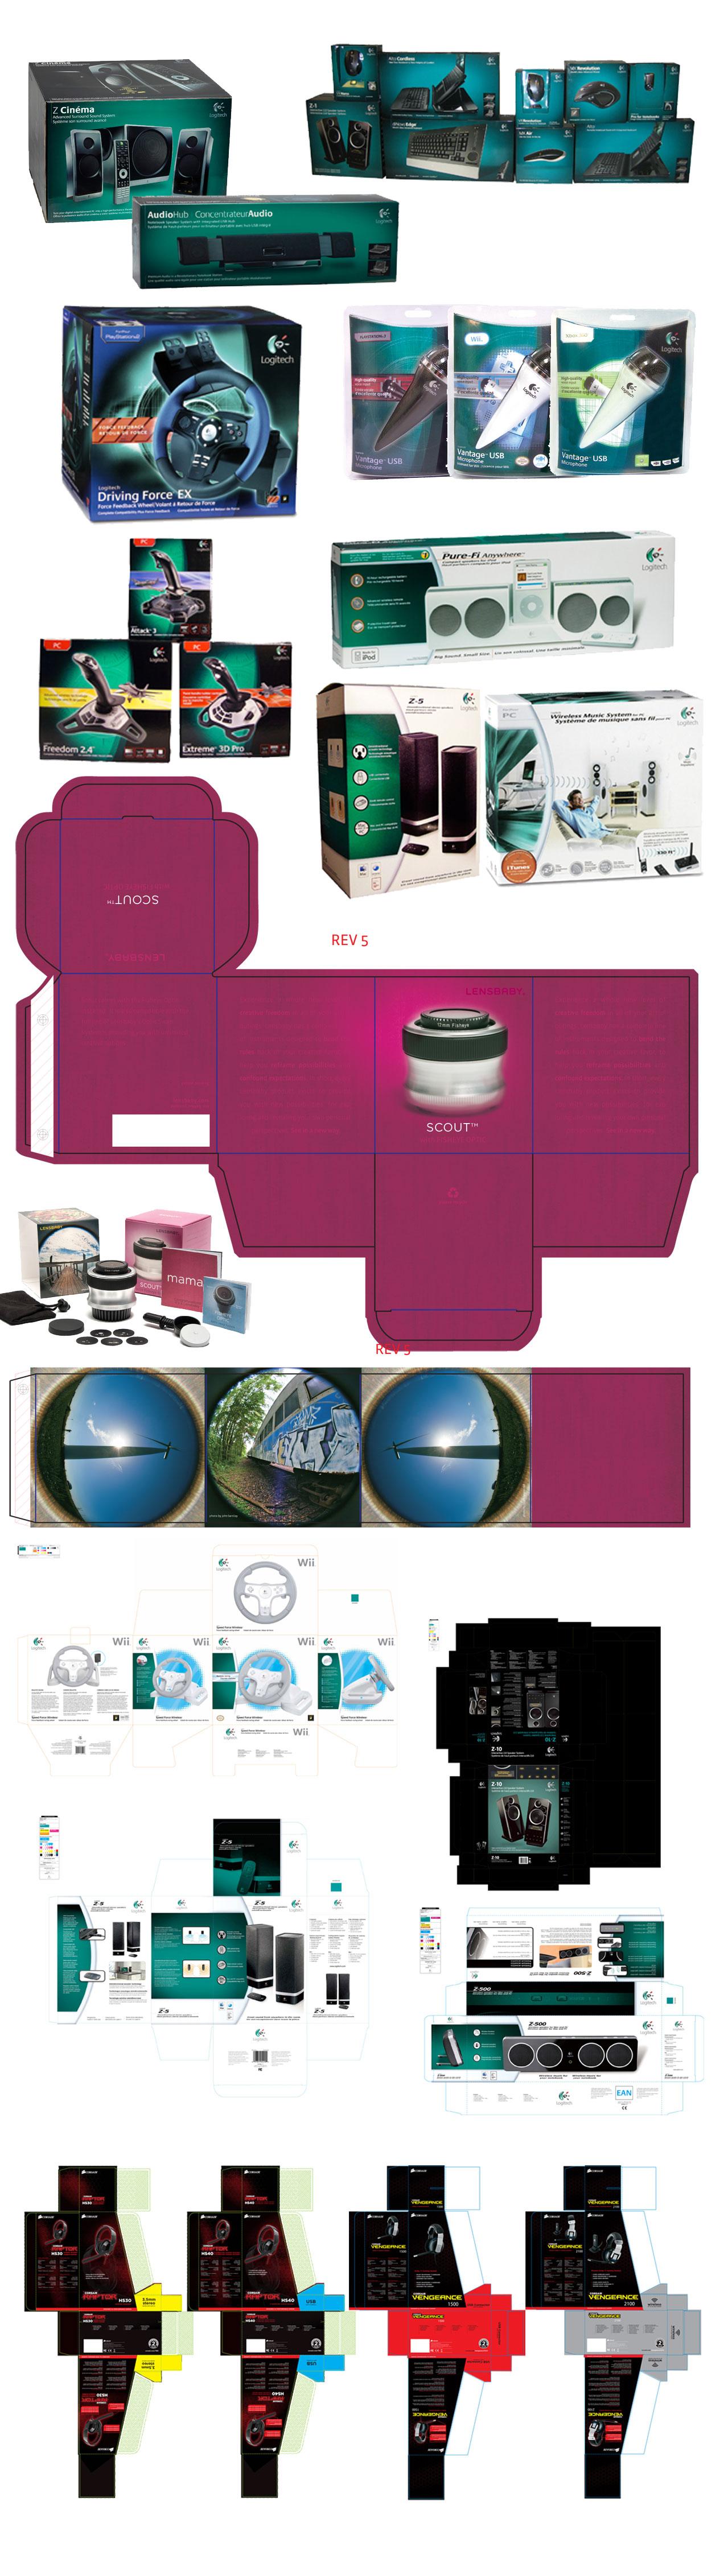 Packaging_Image1